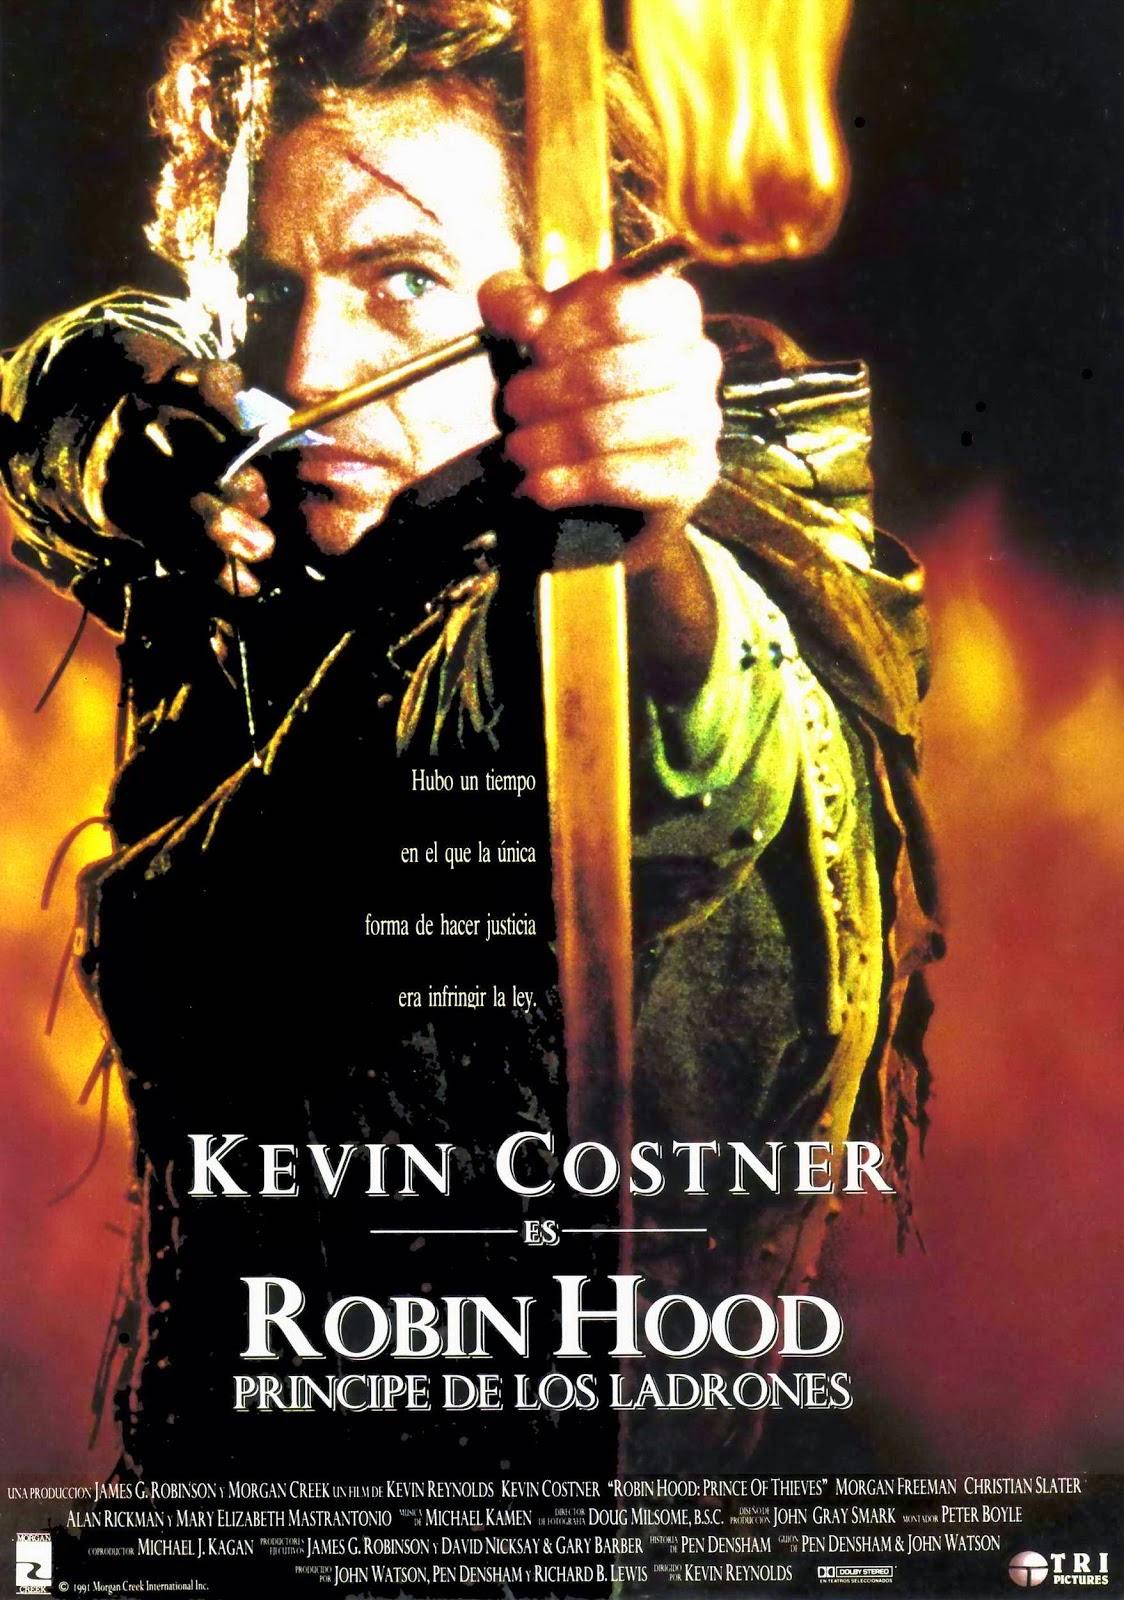 Robin Hood, el príncipe de los ladrones